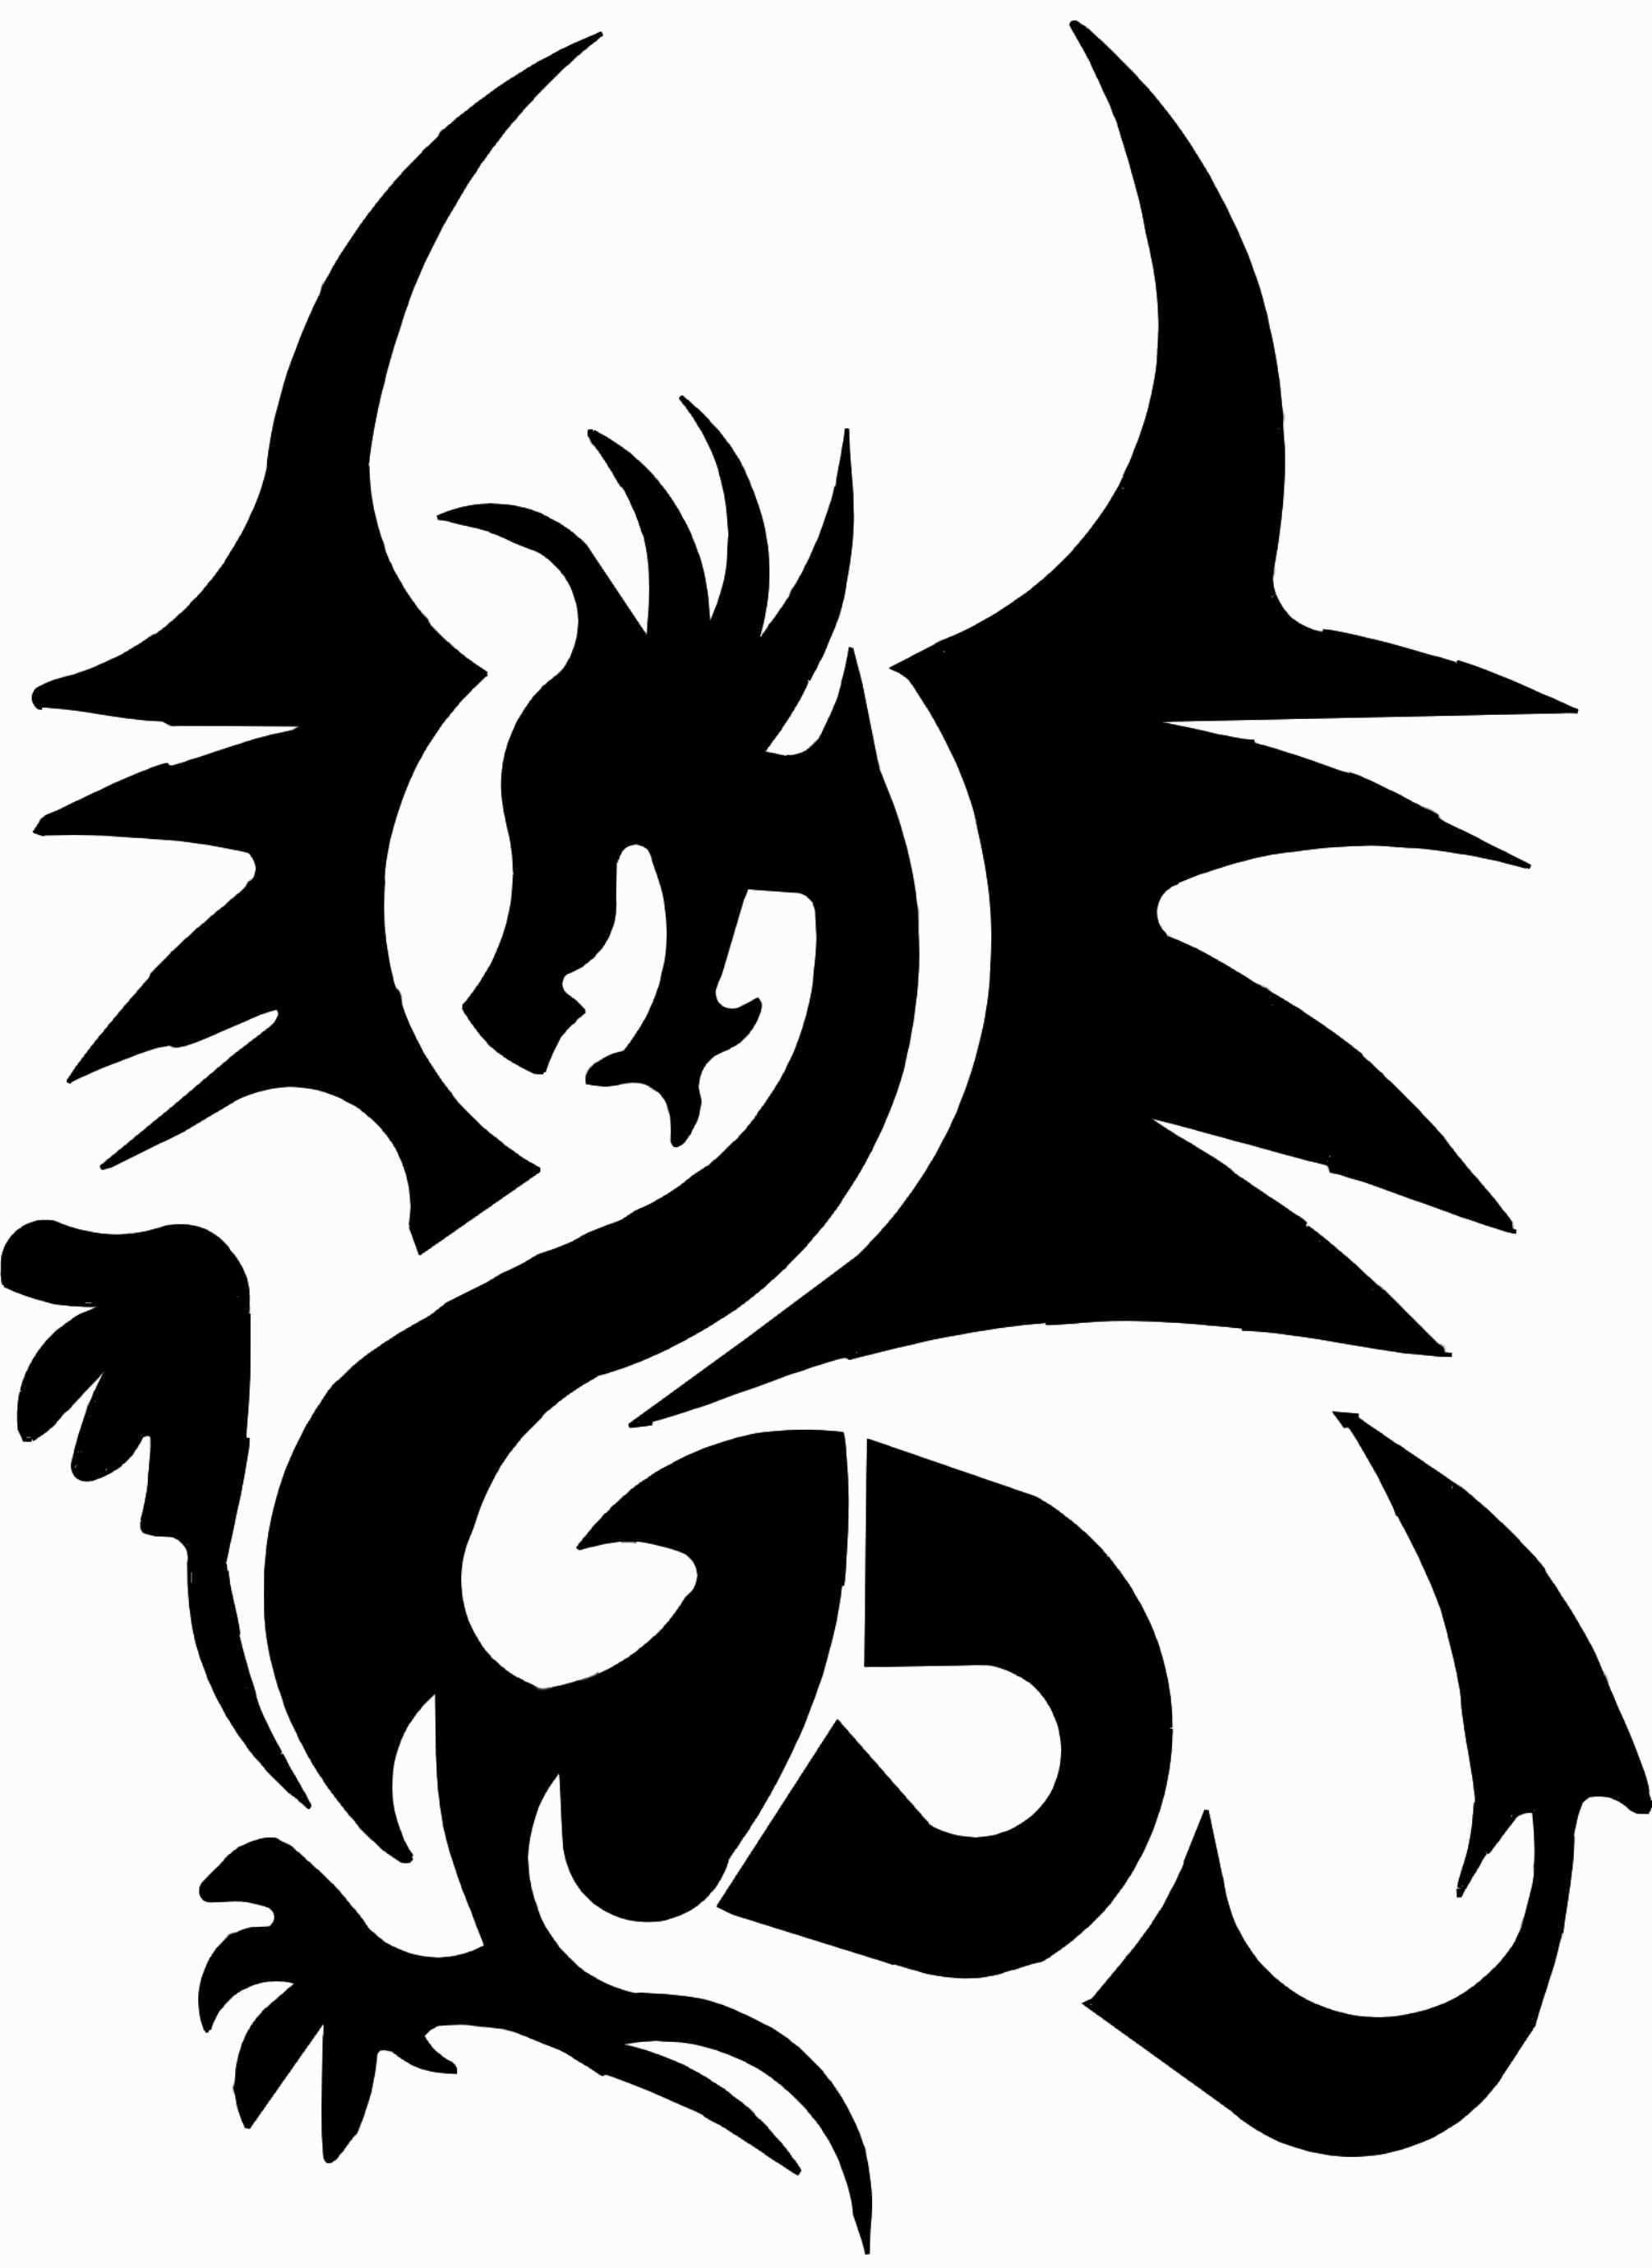 New Drachen Vorlagen Farbung Malvorlagen Malvorlagenfurkinder Henna Tattoo Schablone Schablonen Meerestiere